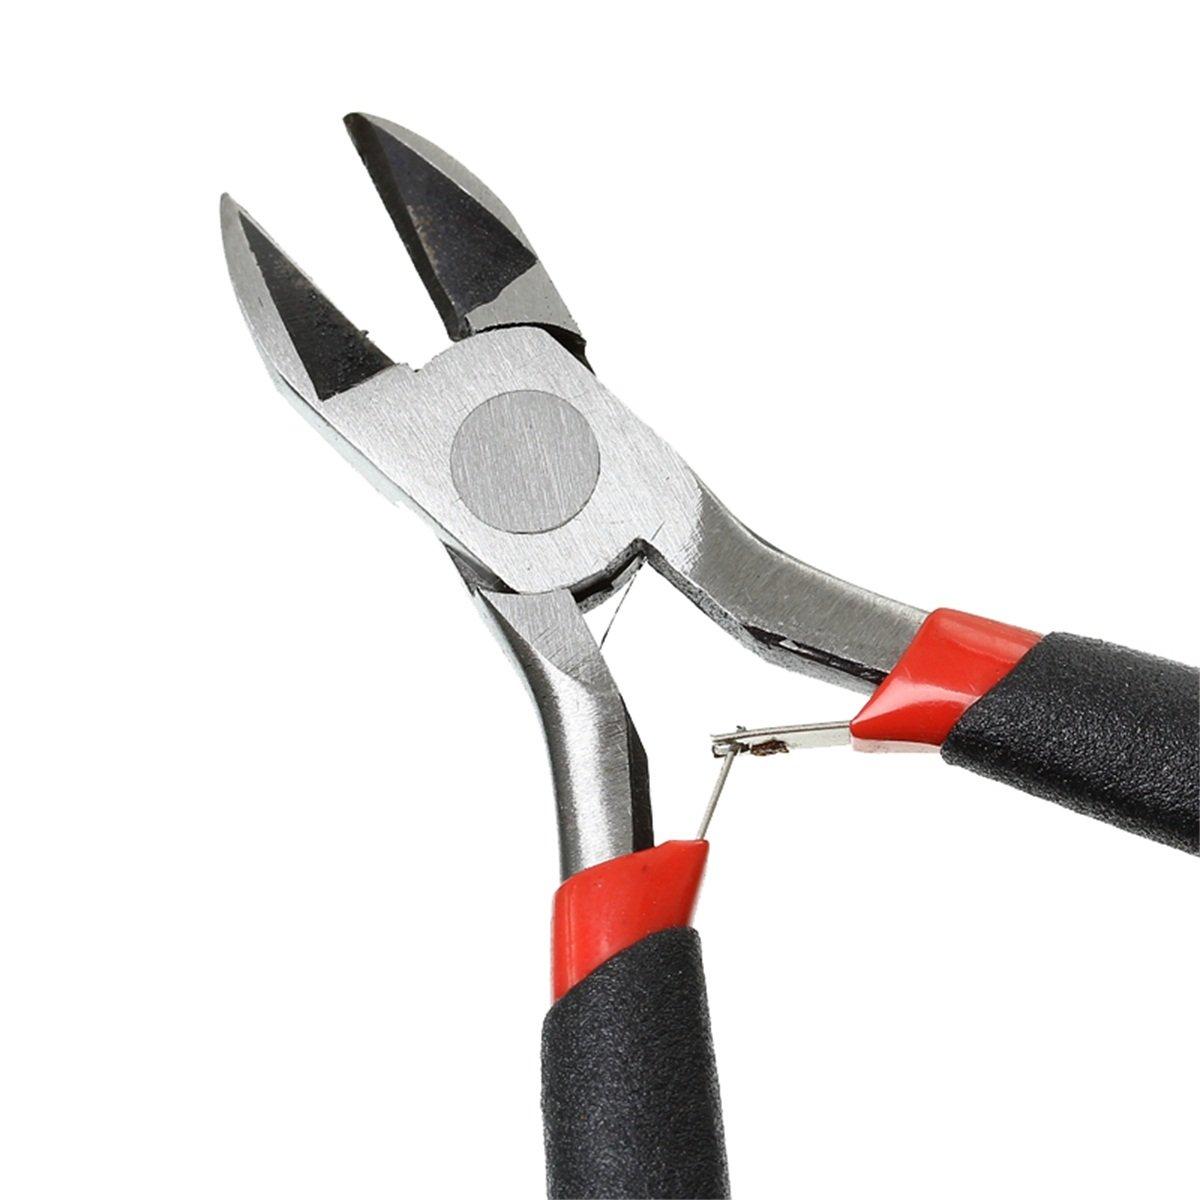 Pince coupante diagonale pour la coupe de fil de fer